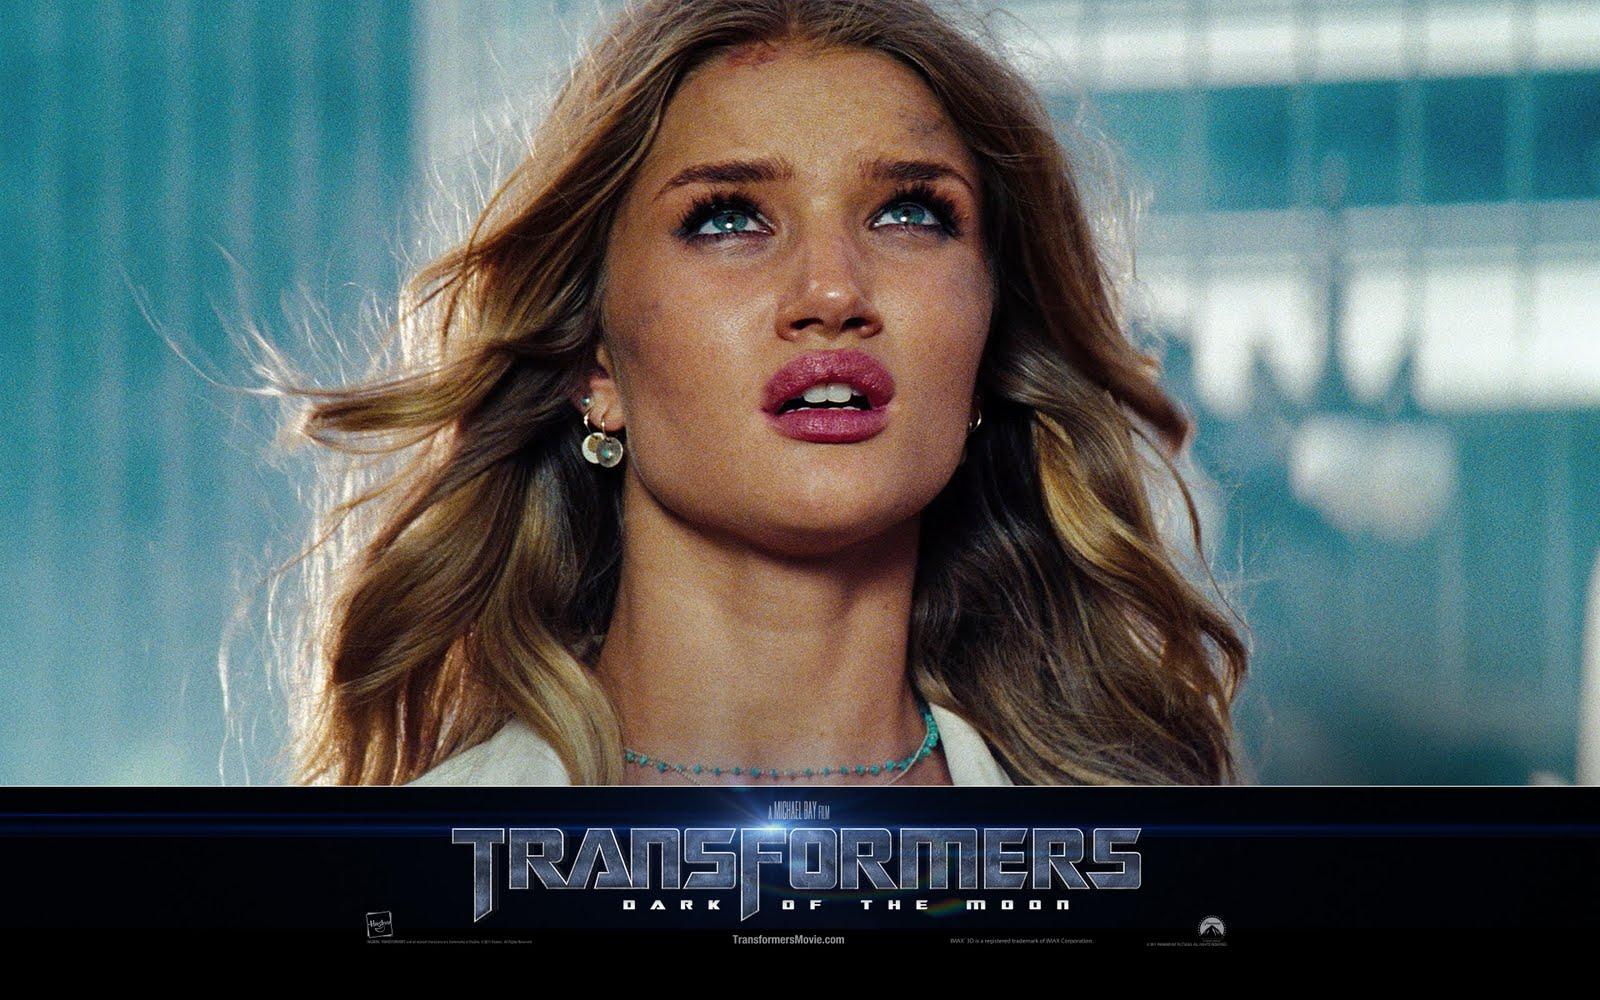 http://1.bp.blogspot.com/-w2w6NLvDmvM/ThYGiqliQ_I/AAAAAAAAAFU/jFkdVRagnNc/s1600/Rosie-Huntington-Whiteley-transformers-3.jpg